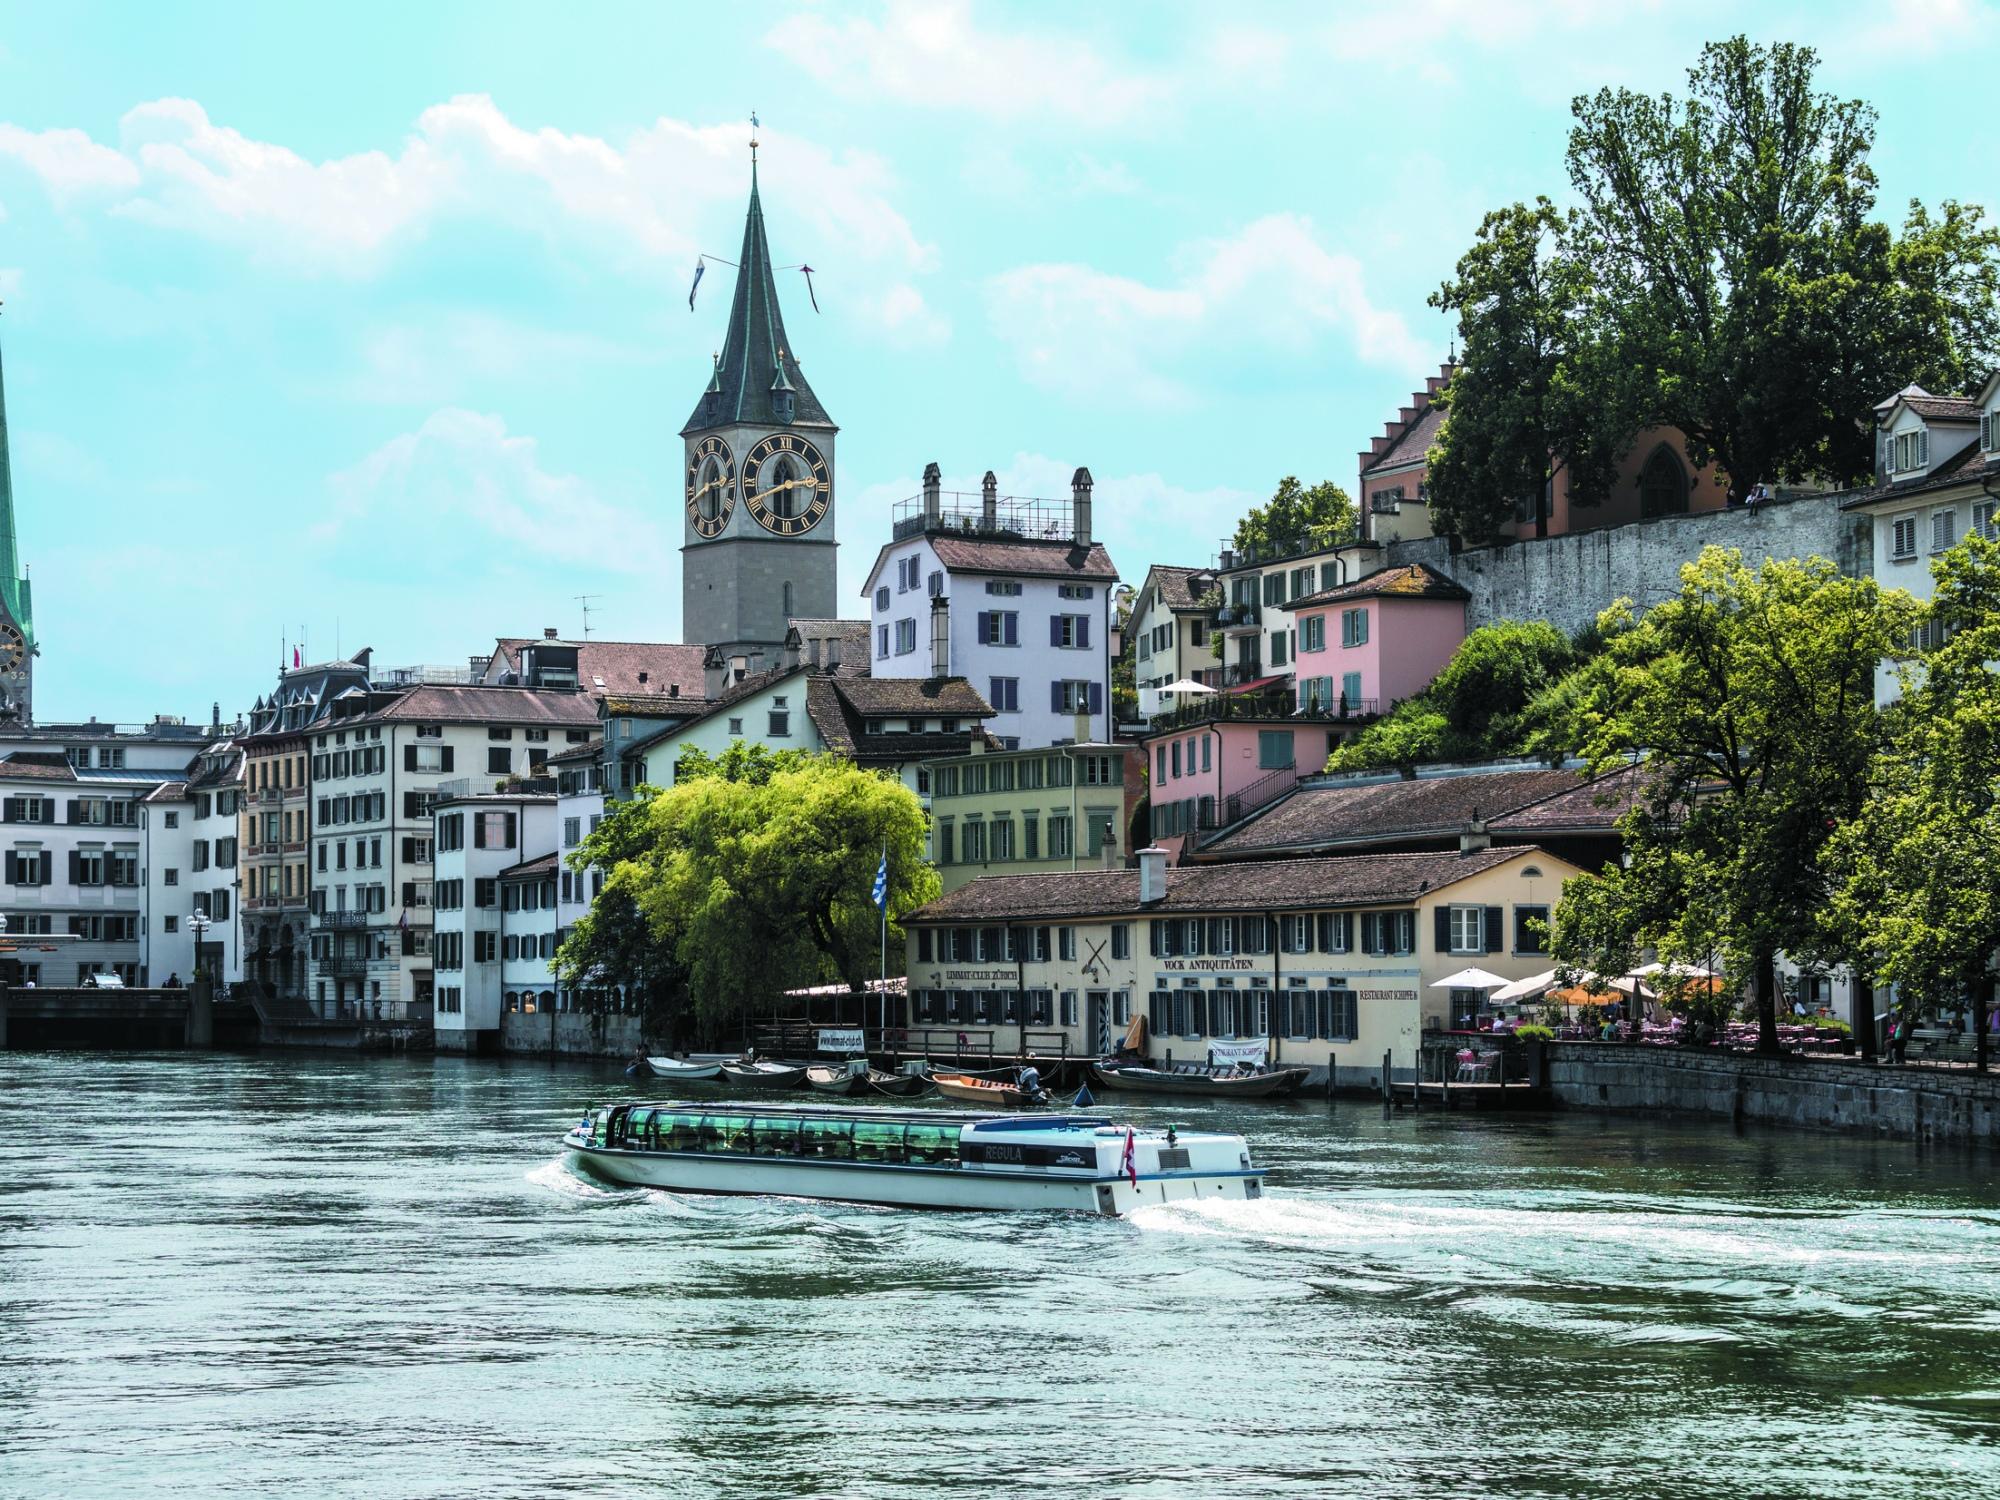 The Old Town of Zürich, Switzerland